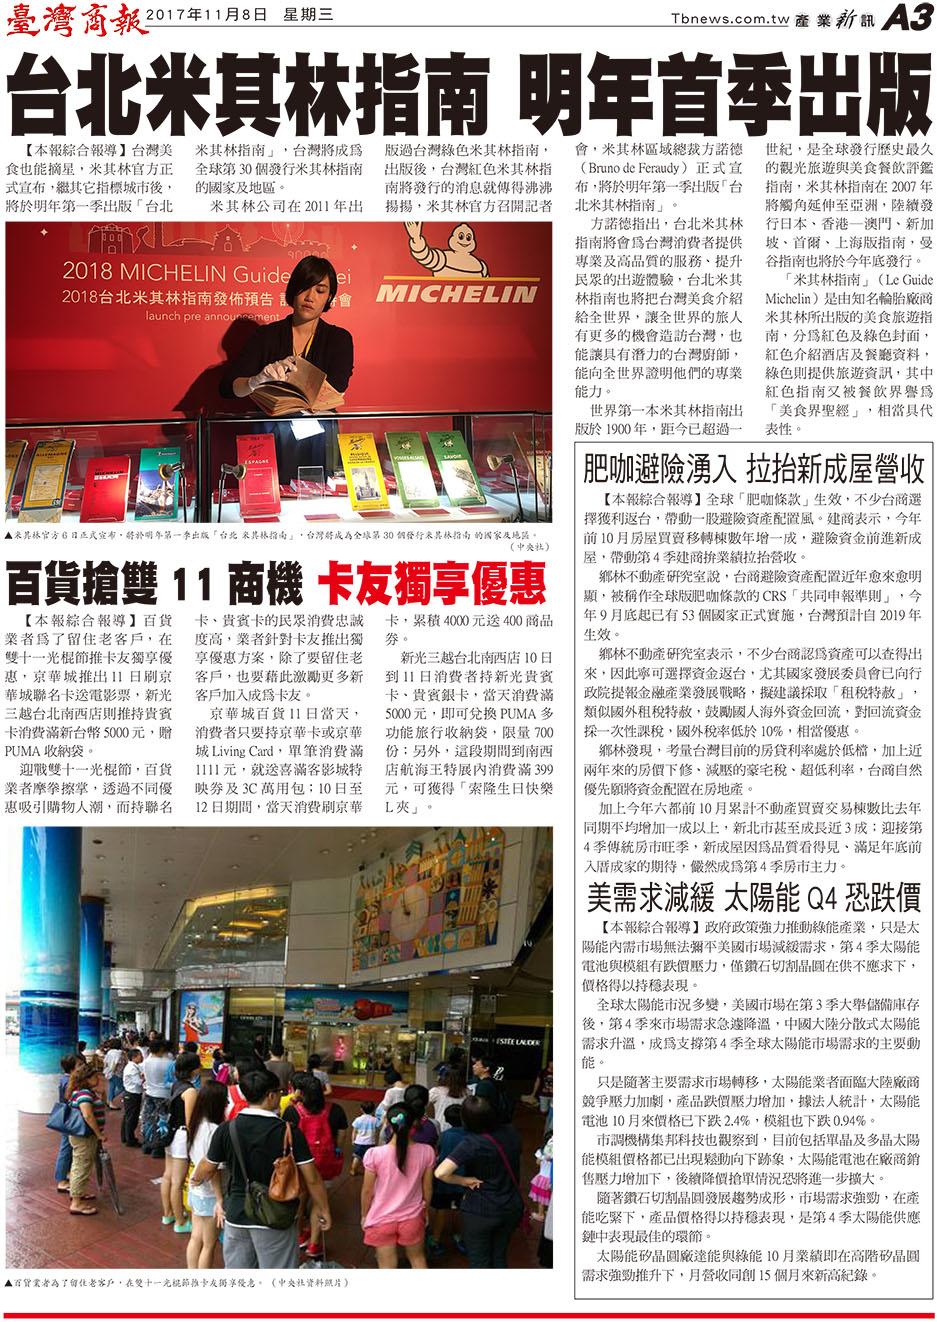 台北米其林指南 明年首季出版